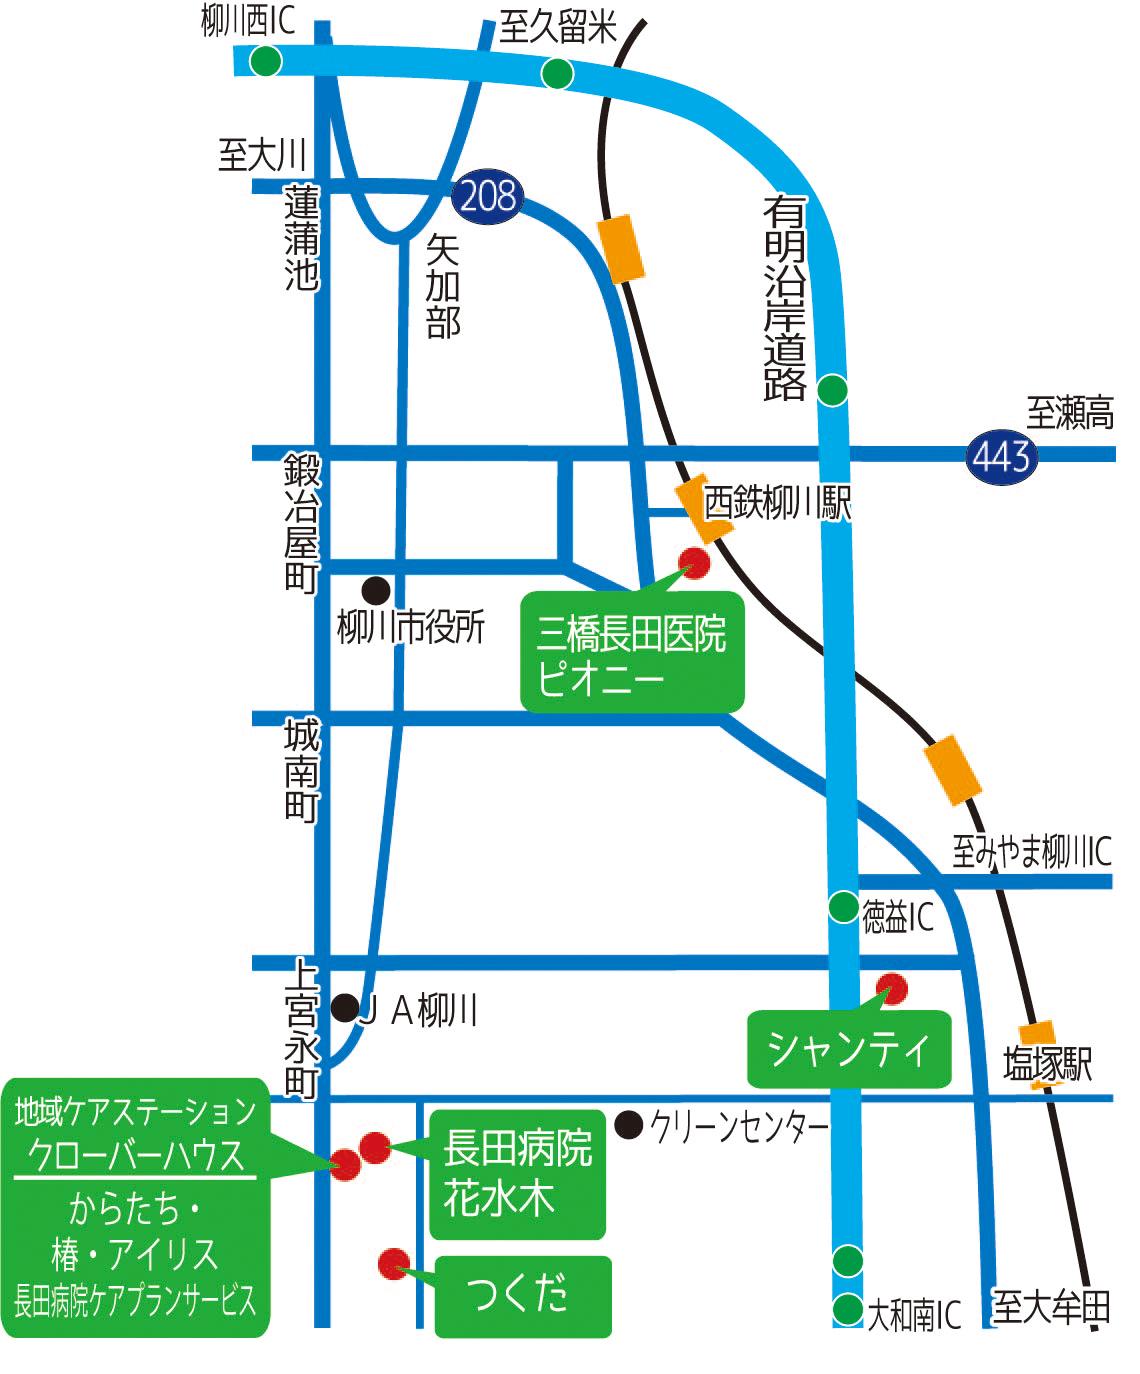 清和会事業所地図(花水木長田病院内)